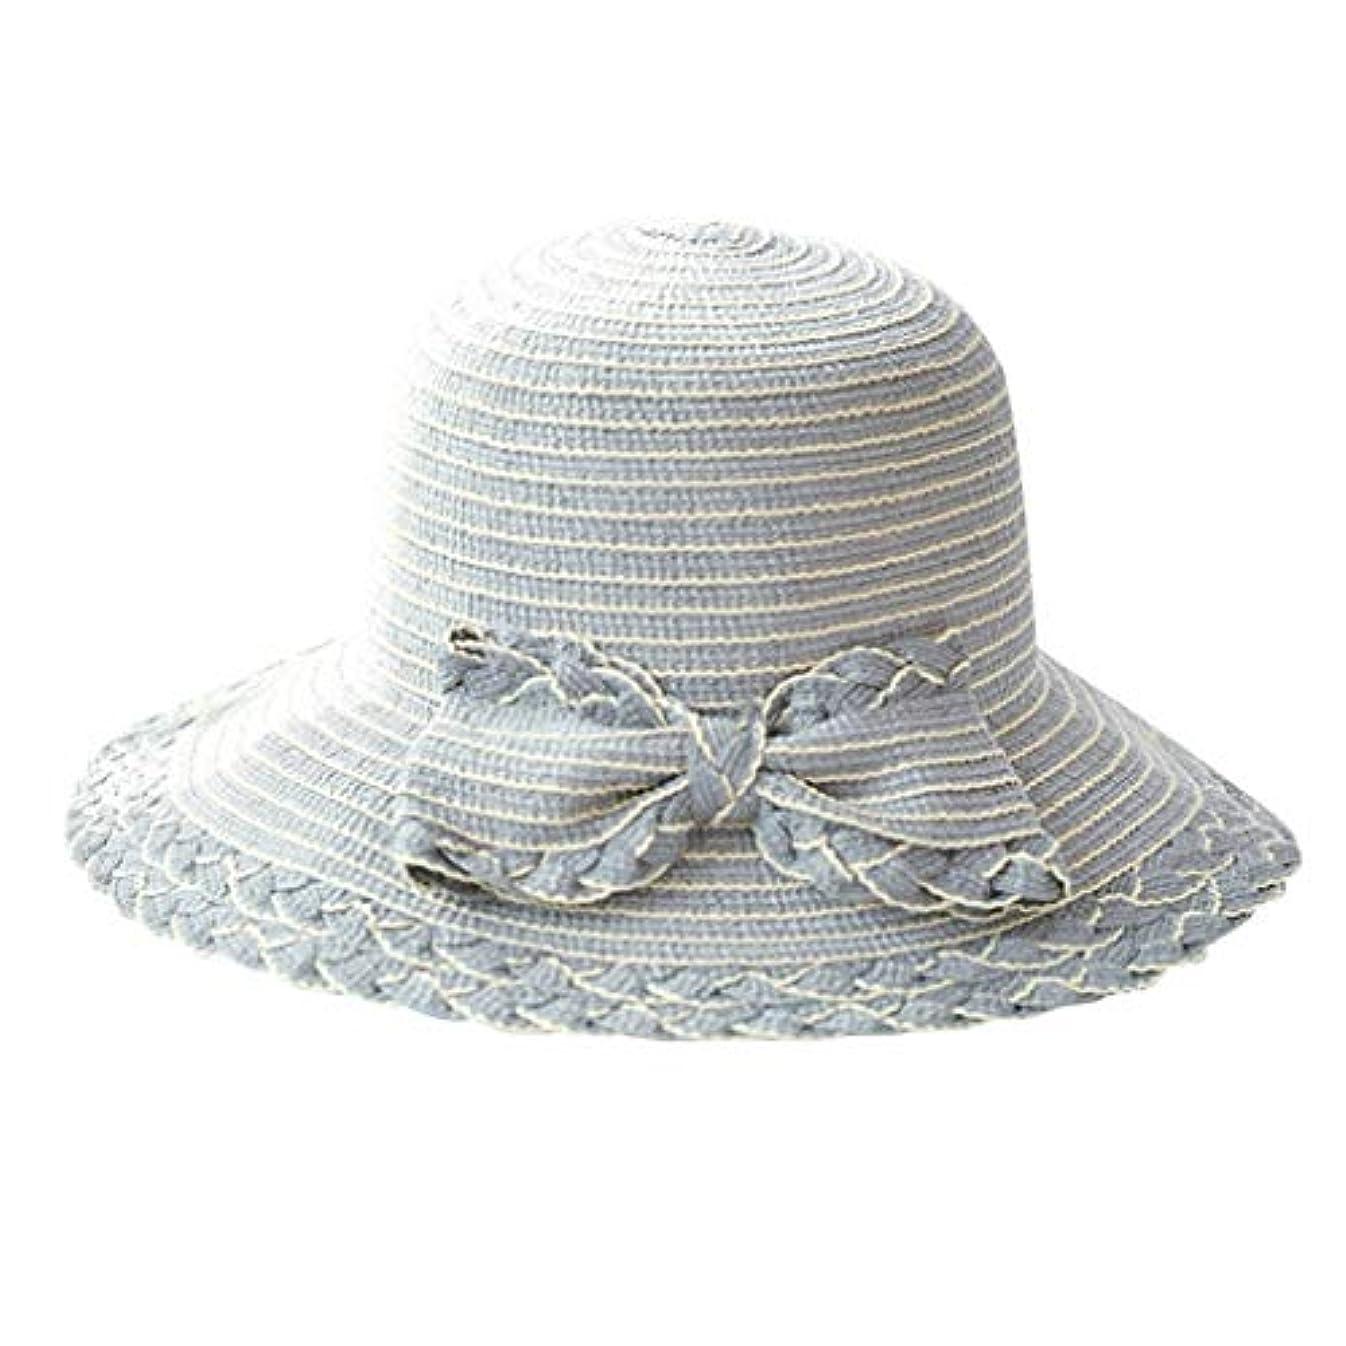 ブロック商品ギター夏 帽子 レディース UVカット 帽子 ハット レディース 日よけ 夏季 女優帽 日よけ 日焼け 折りたたみ 持ち運び つば広 吸汗通気 ハット レディース 紫外線対策 小顔効果 ワイヤー入る ハット ROSE ROMAN